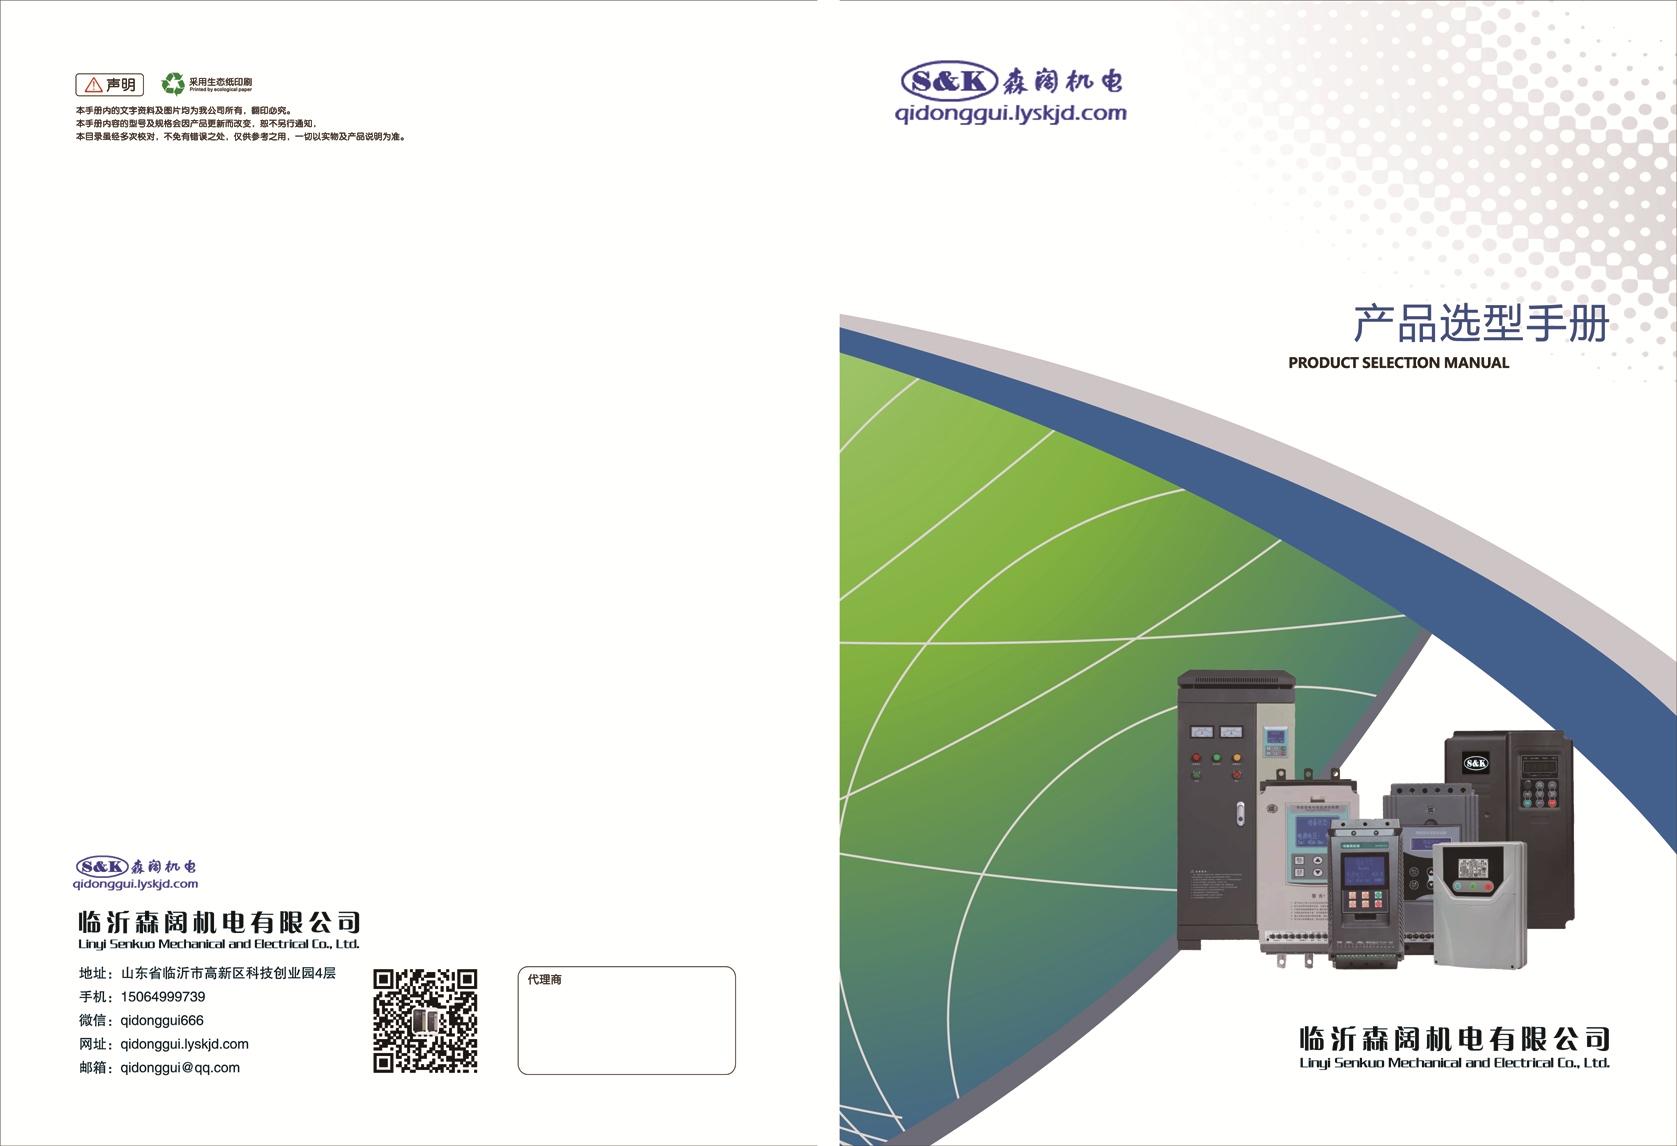 临沂森阔机电电子宣传册